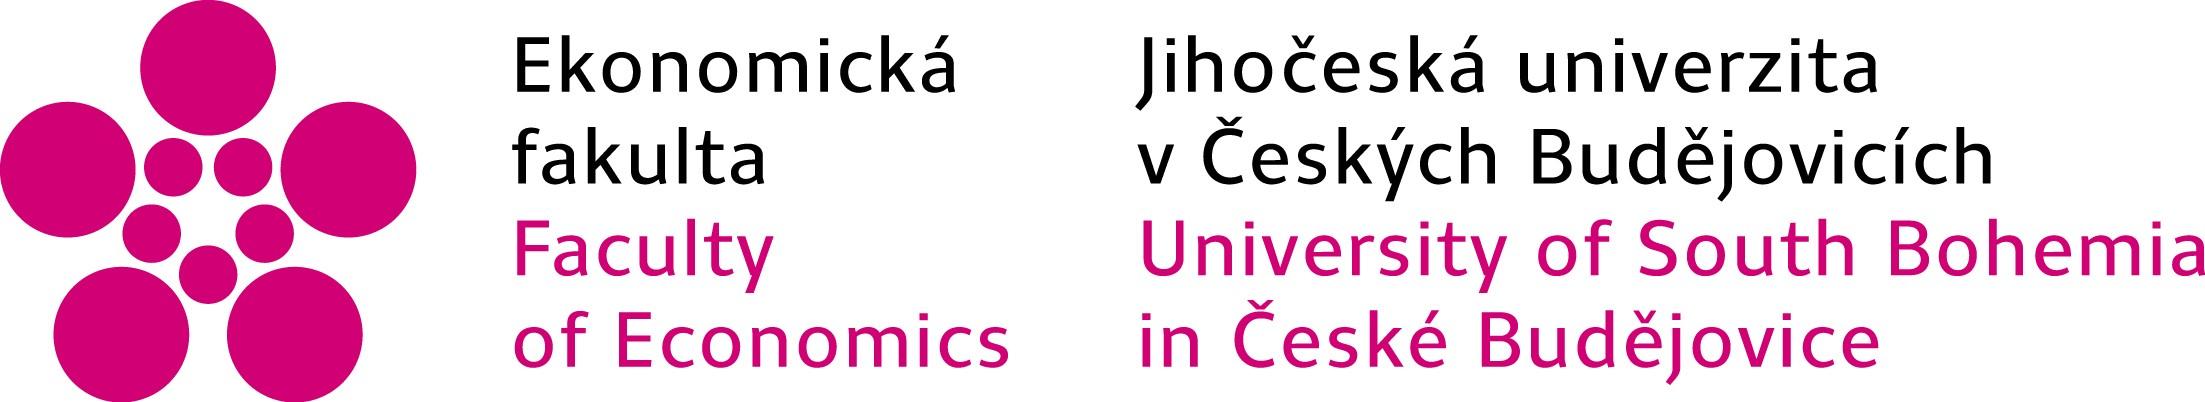 Ekonomická fakulta logo